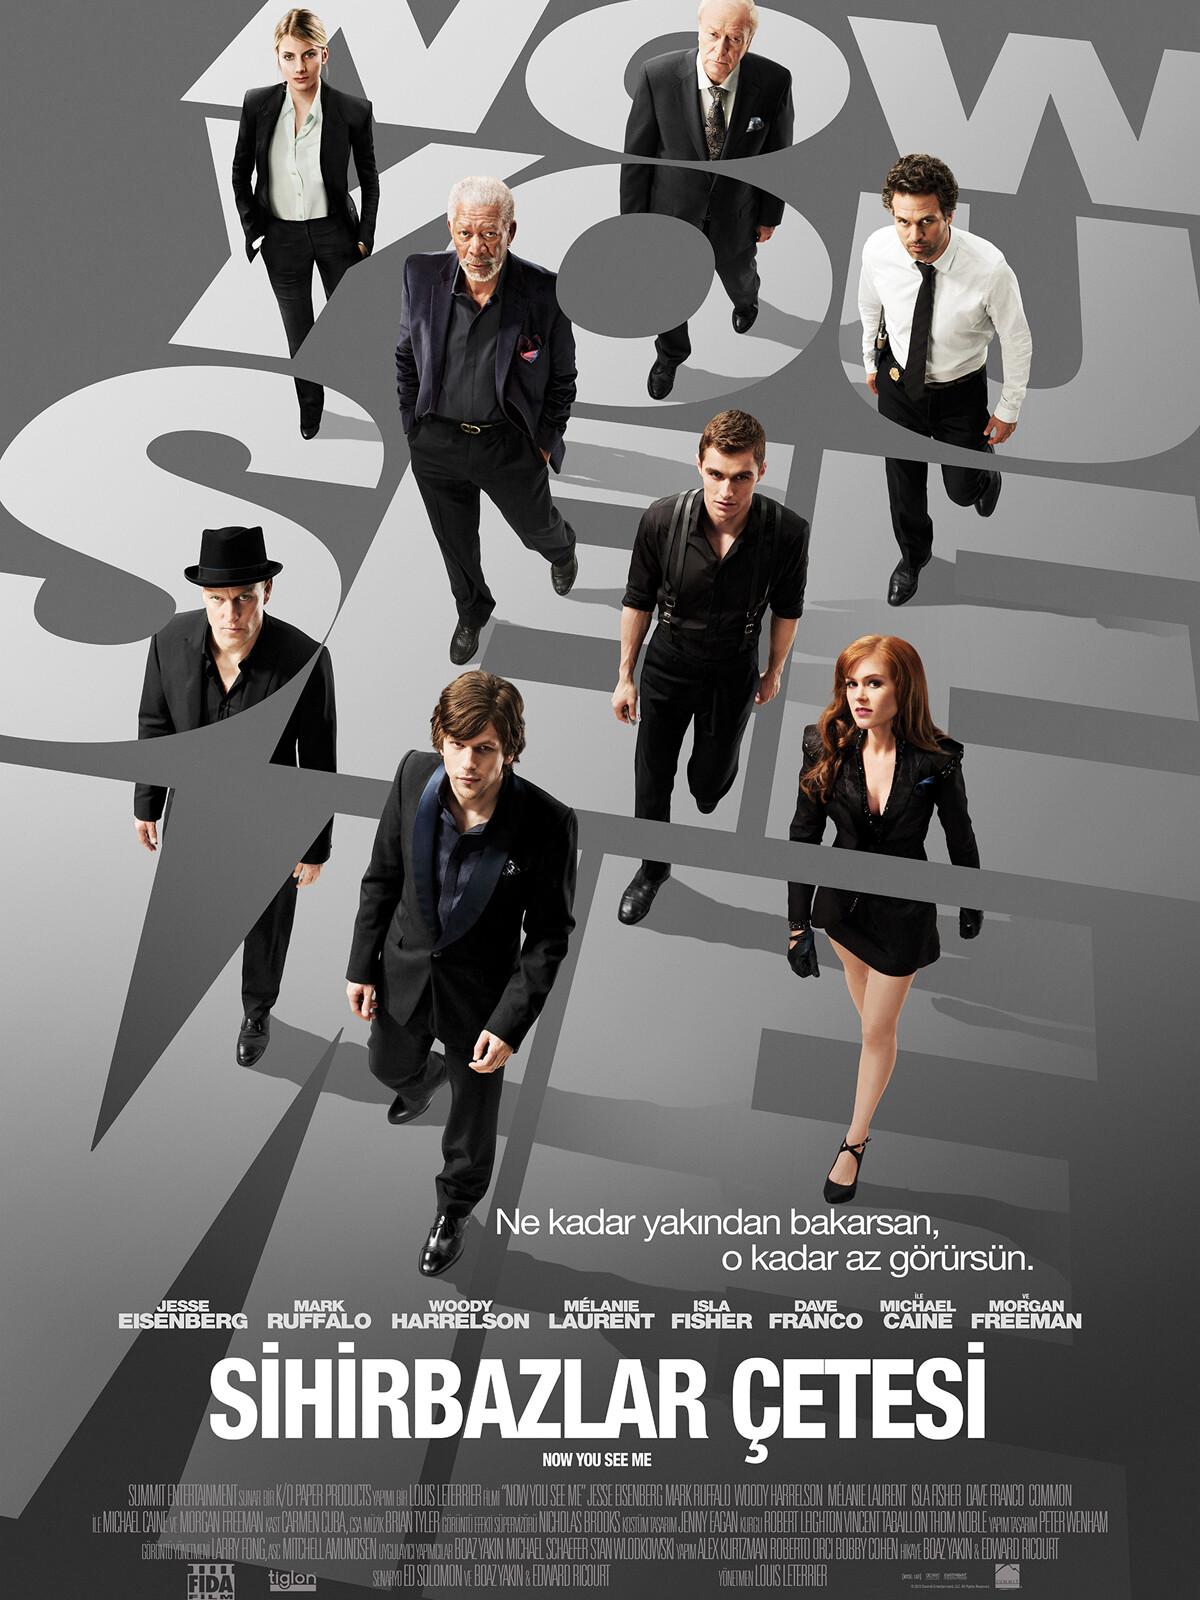 Sihirbazlar Çetesi - Now You See Me (2013) 1080p NF WEB-DL DDP5.1 H.264 DUAL [TR EN]